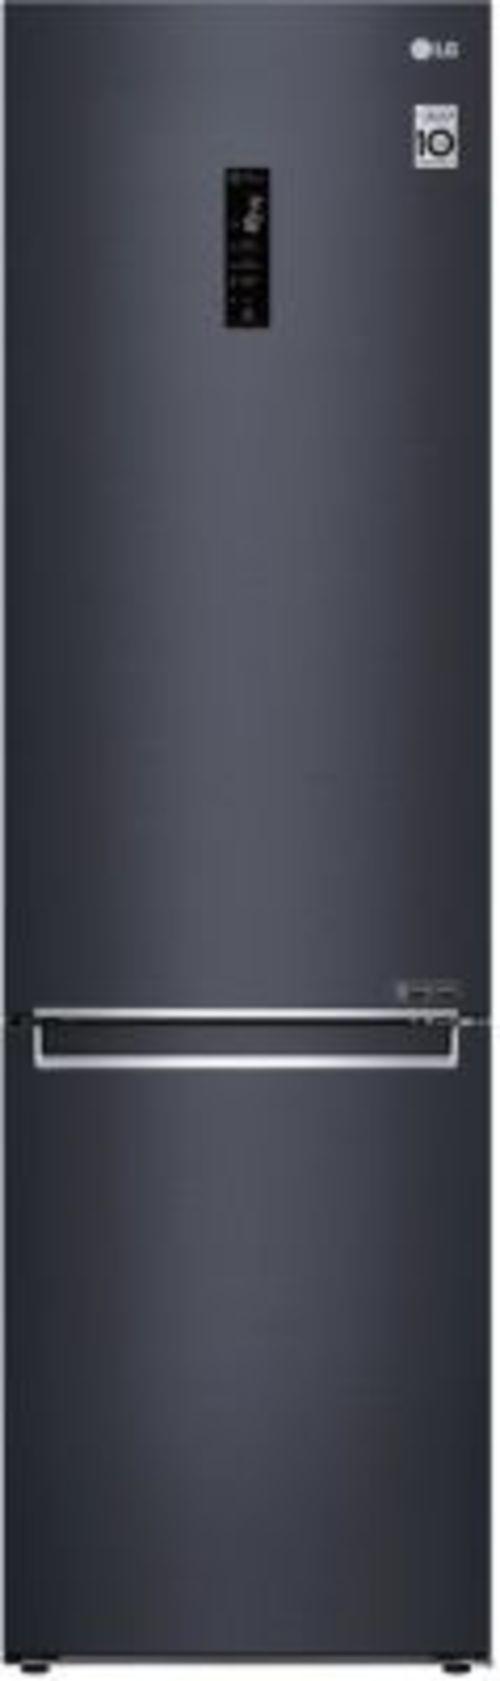 Réfrigérateurs congélateurs (combinés et 2 portes) - LG GBB72MCUFN